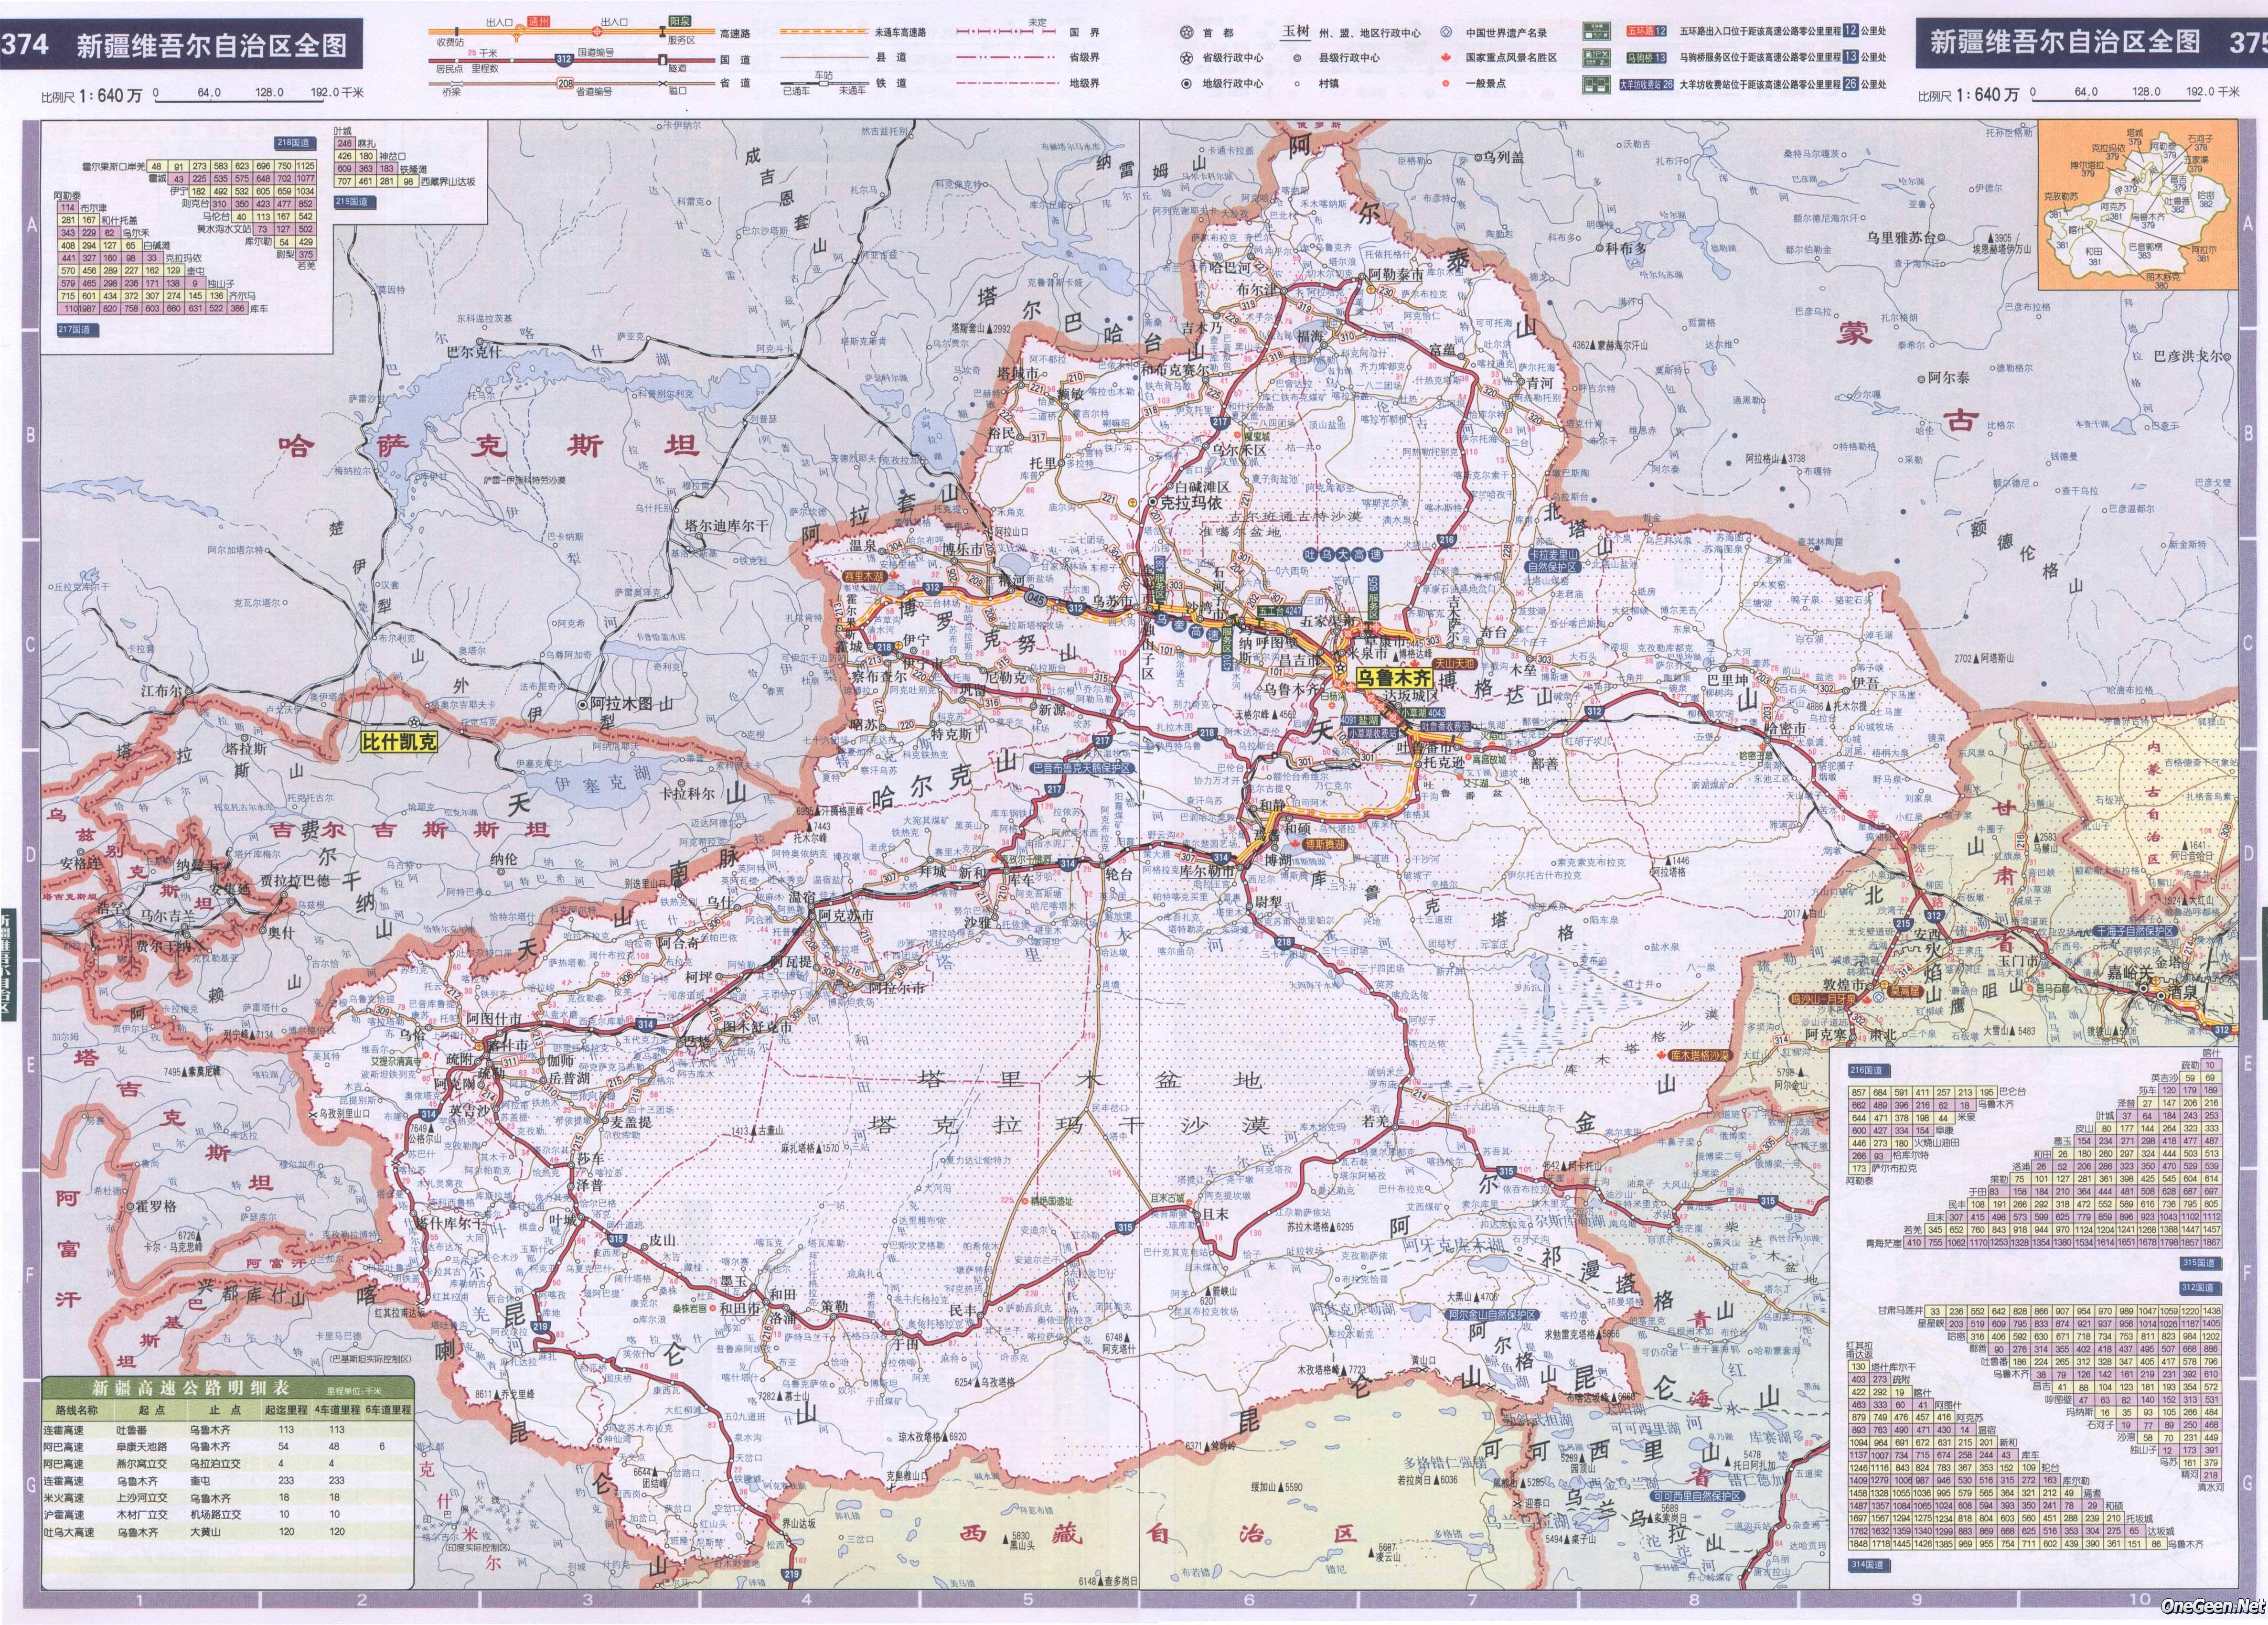 新疆公路交通地图全图